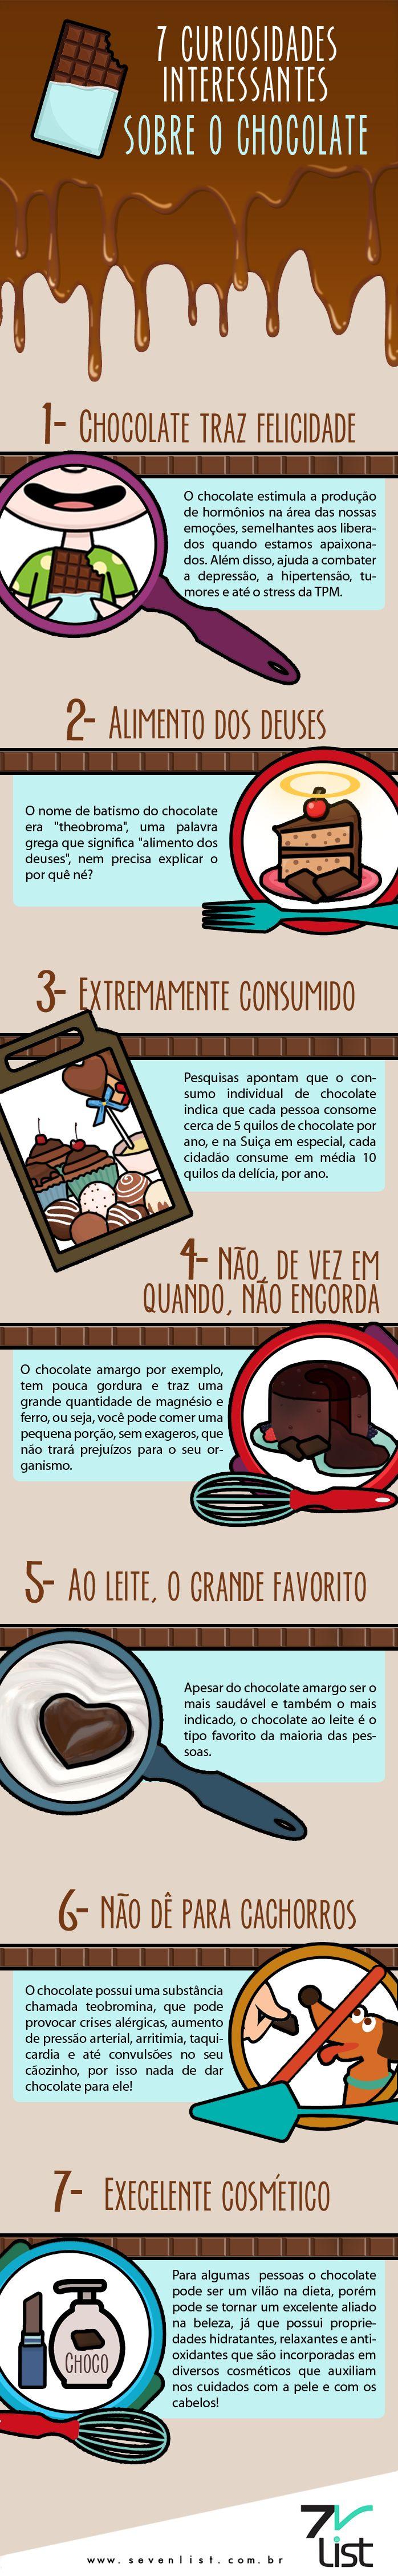 #infográfico #infographic #design #chocolate #chocólatra #delicia #doce #curiosidades #felicidade #alimento #engordar #saúde #bem-estar #aoleite #cachorro #cosmético #chocolateamargo www.sevenlist.com.br